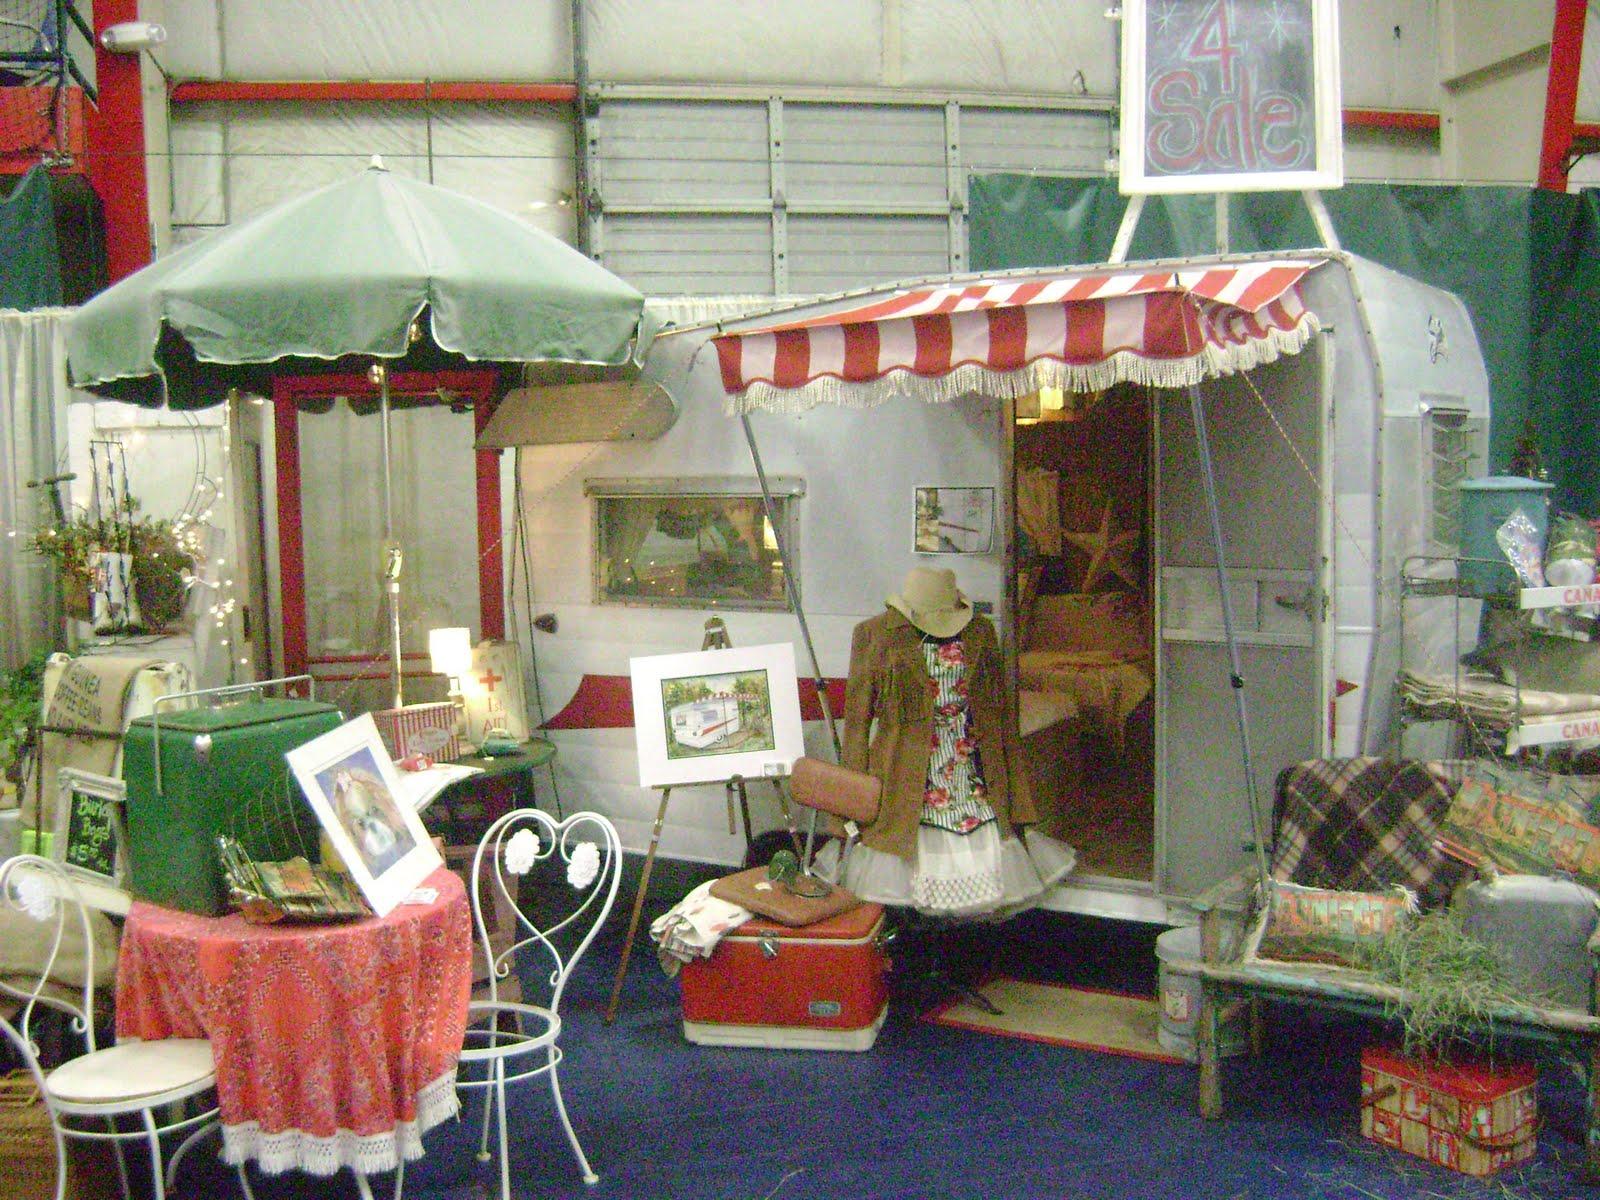 amys vintage cottage for sale vintage 15ft travel trailer